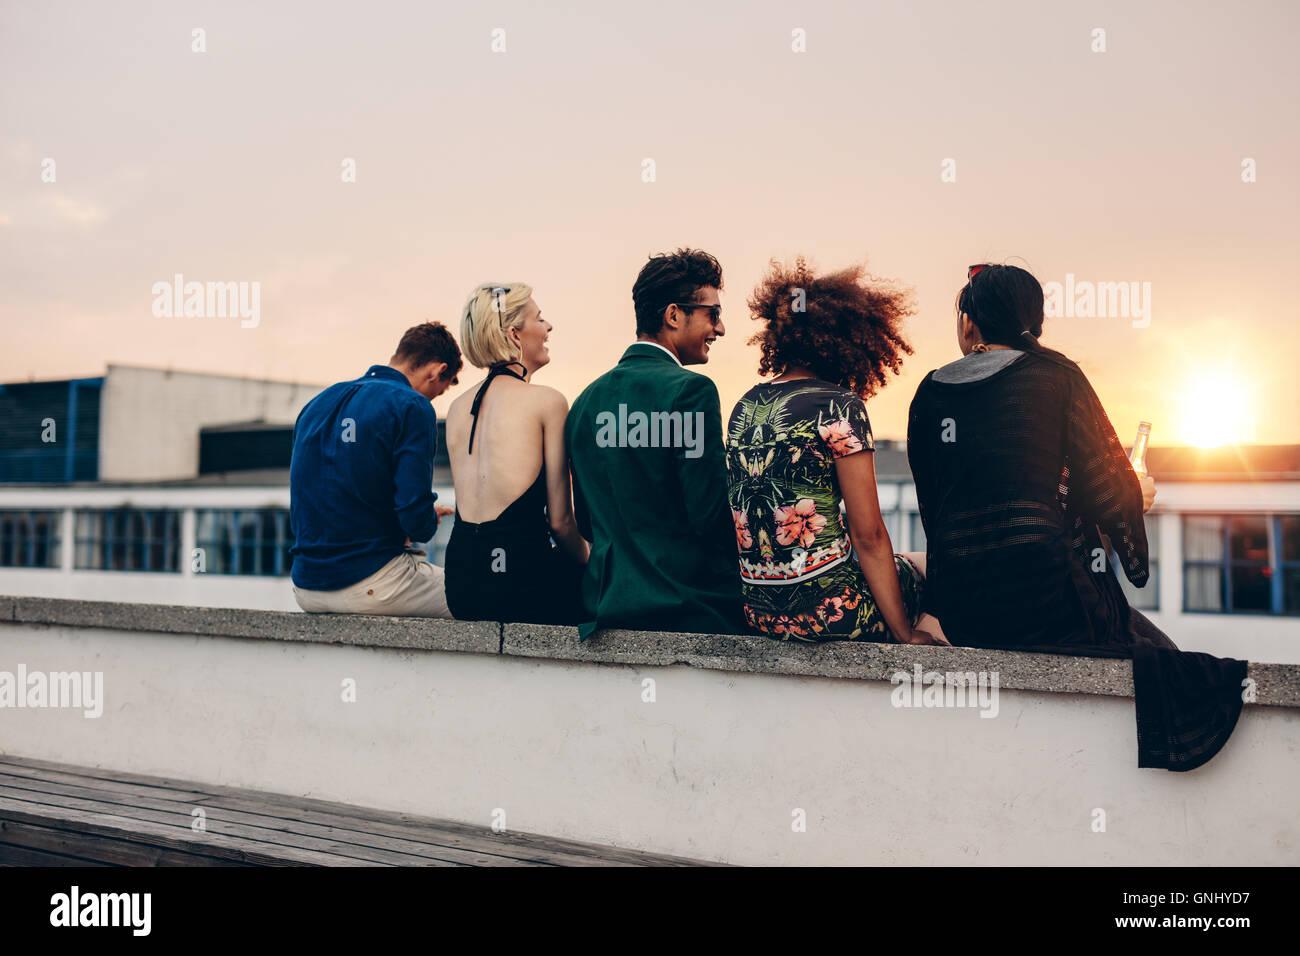 Vista posteriore del colpo di giovani uomini e donne seduti insieme sul tetto. Razza mista amici in relax sulla Immagini Stock